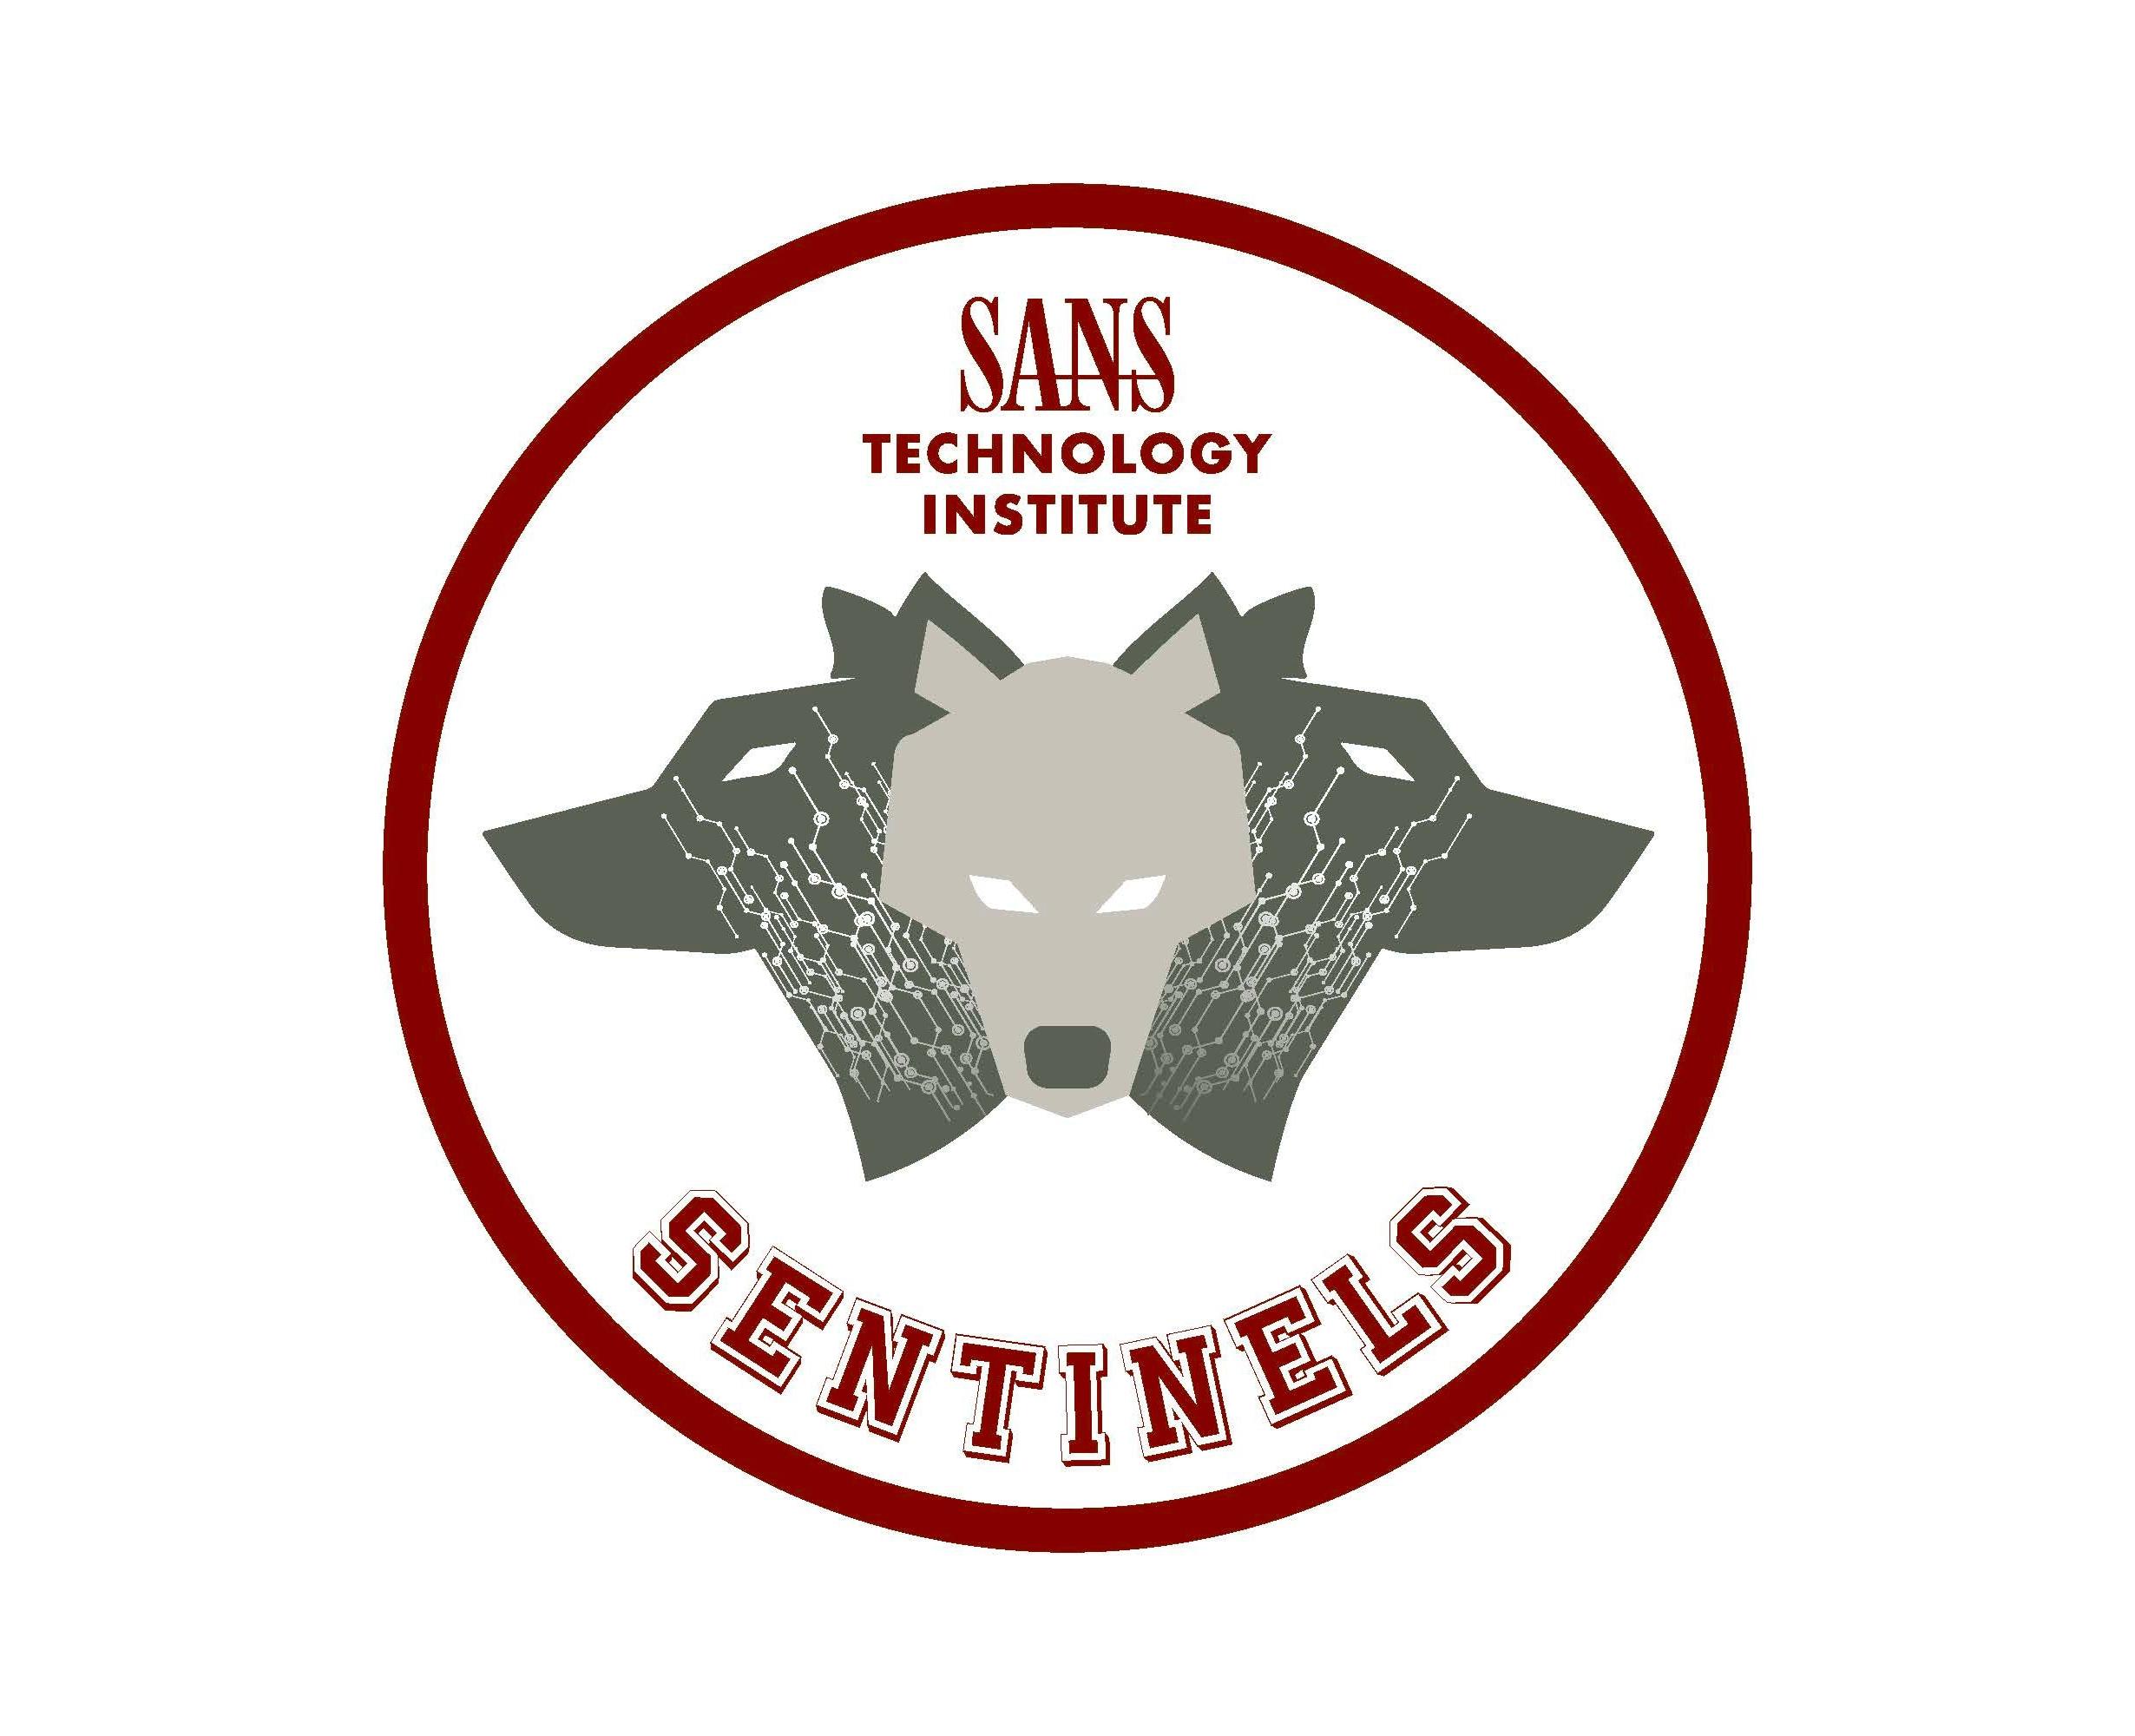 SANS.edu_SENTINELS_(470x382).jpg